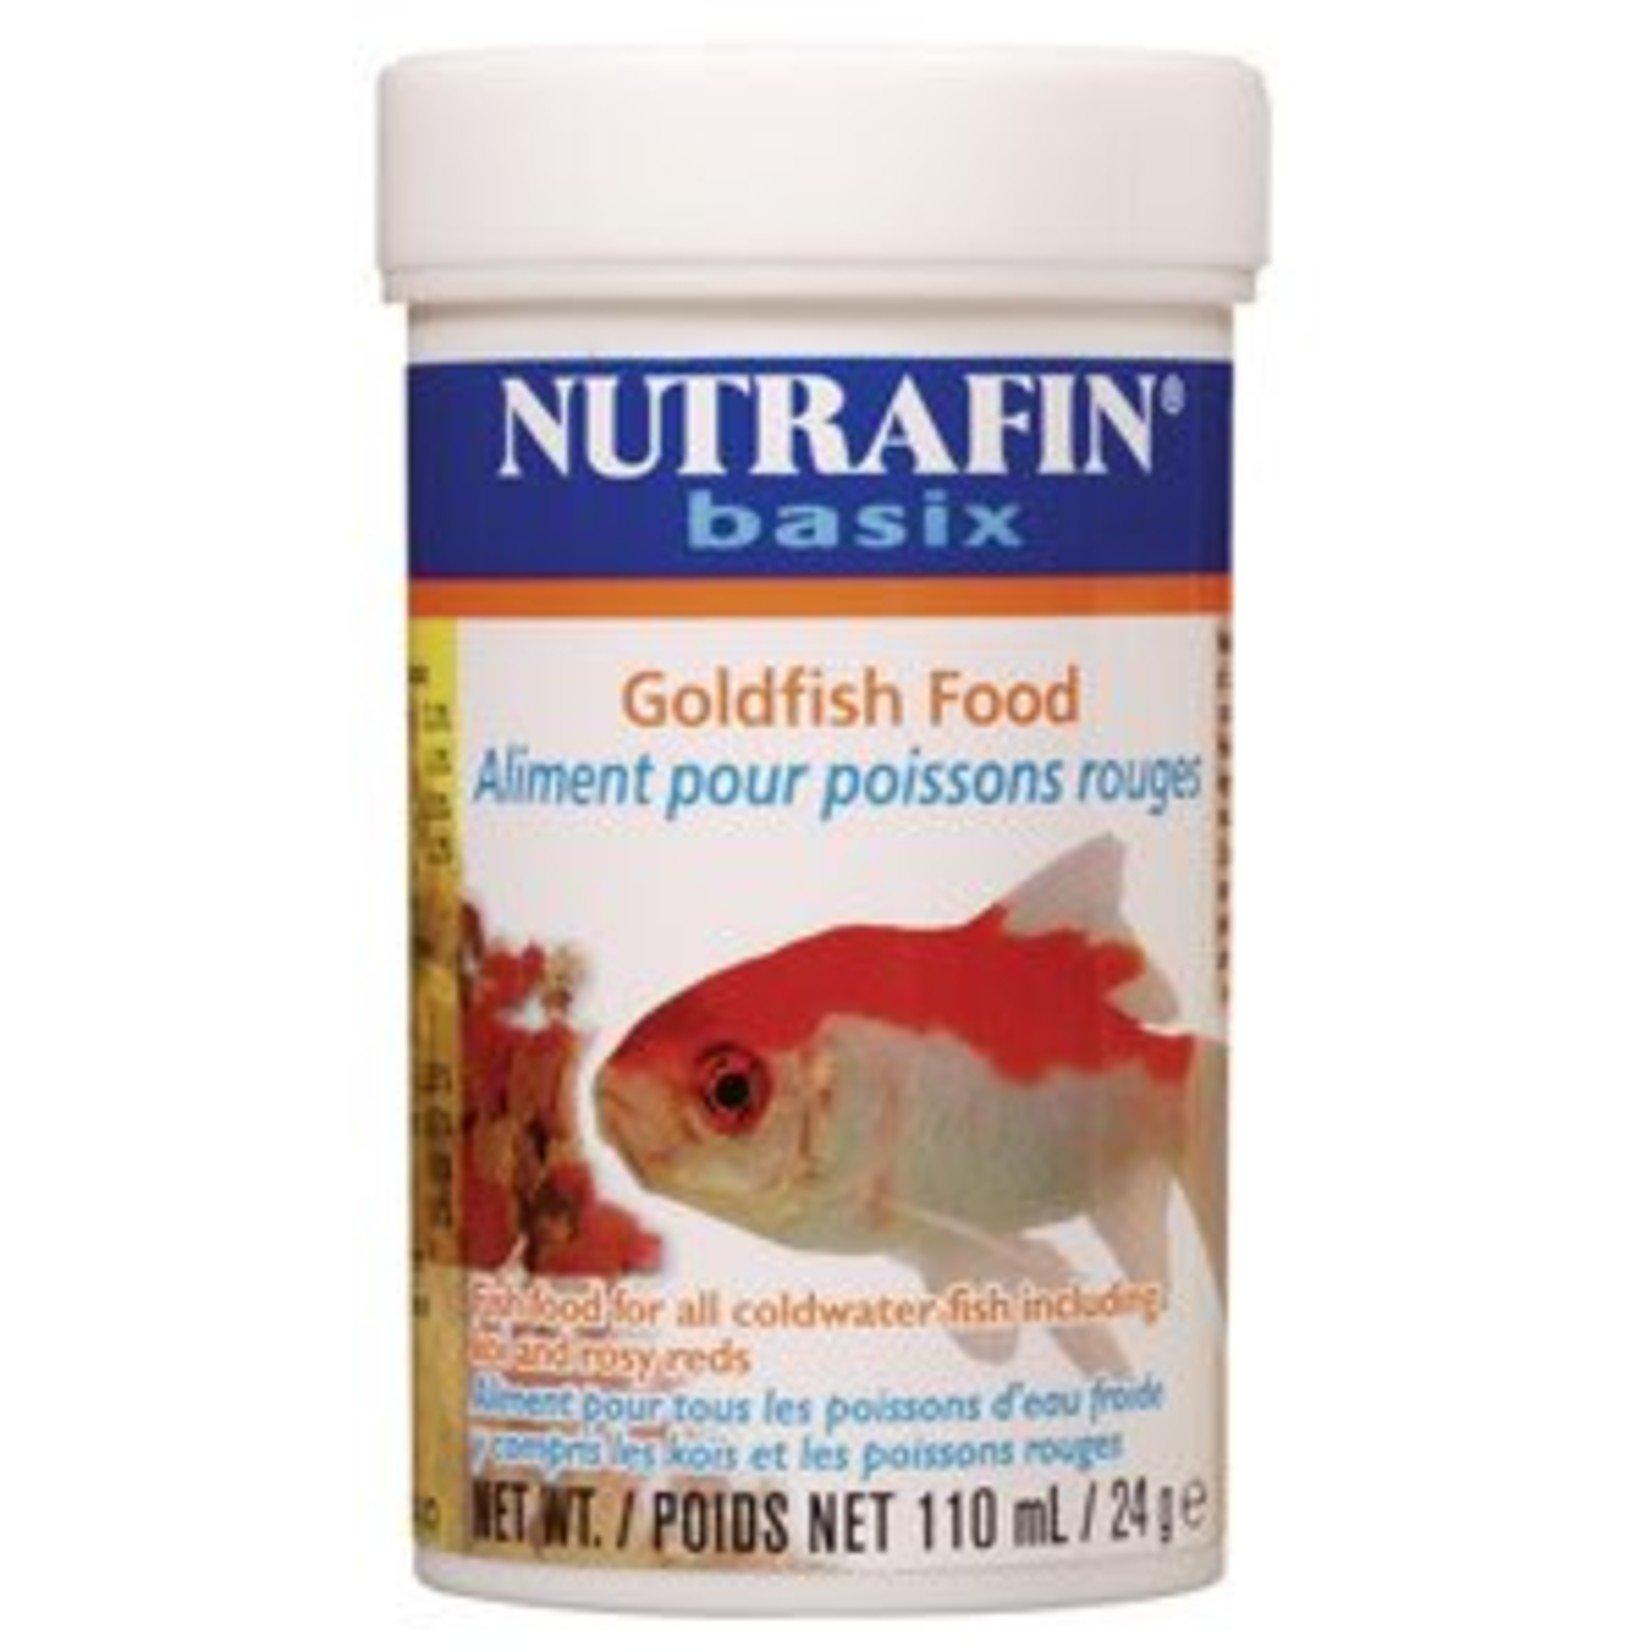 Nutrafin Nutrafin Basix Goldfish Food, 24 g (0.8 oz)